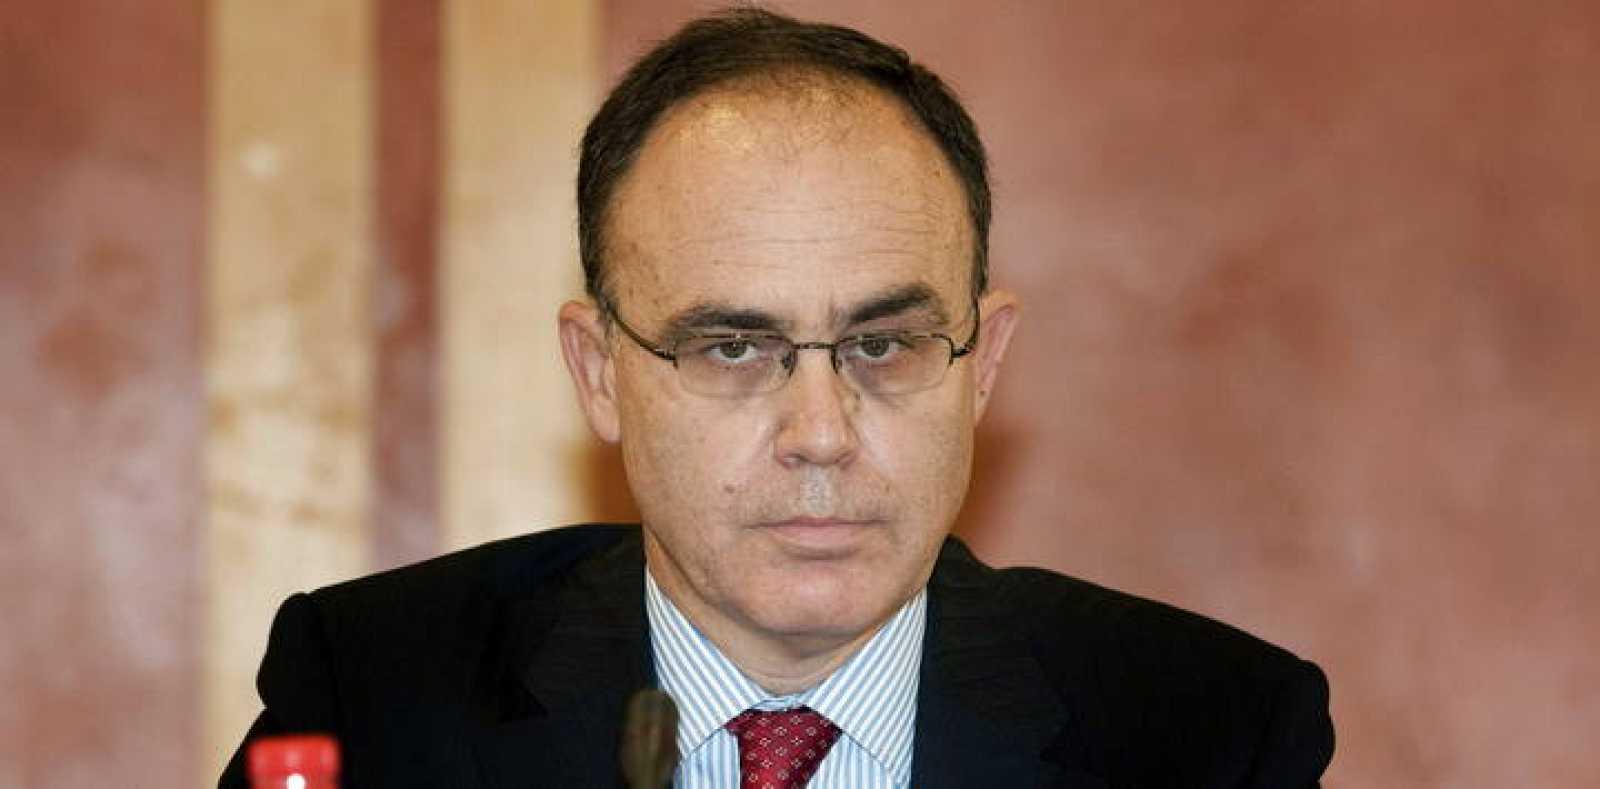 Antonio Valverde, imputado en los ERE, dimite como director general de la agencia IDEA